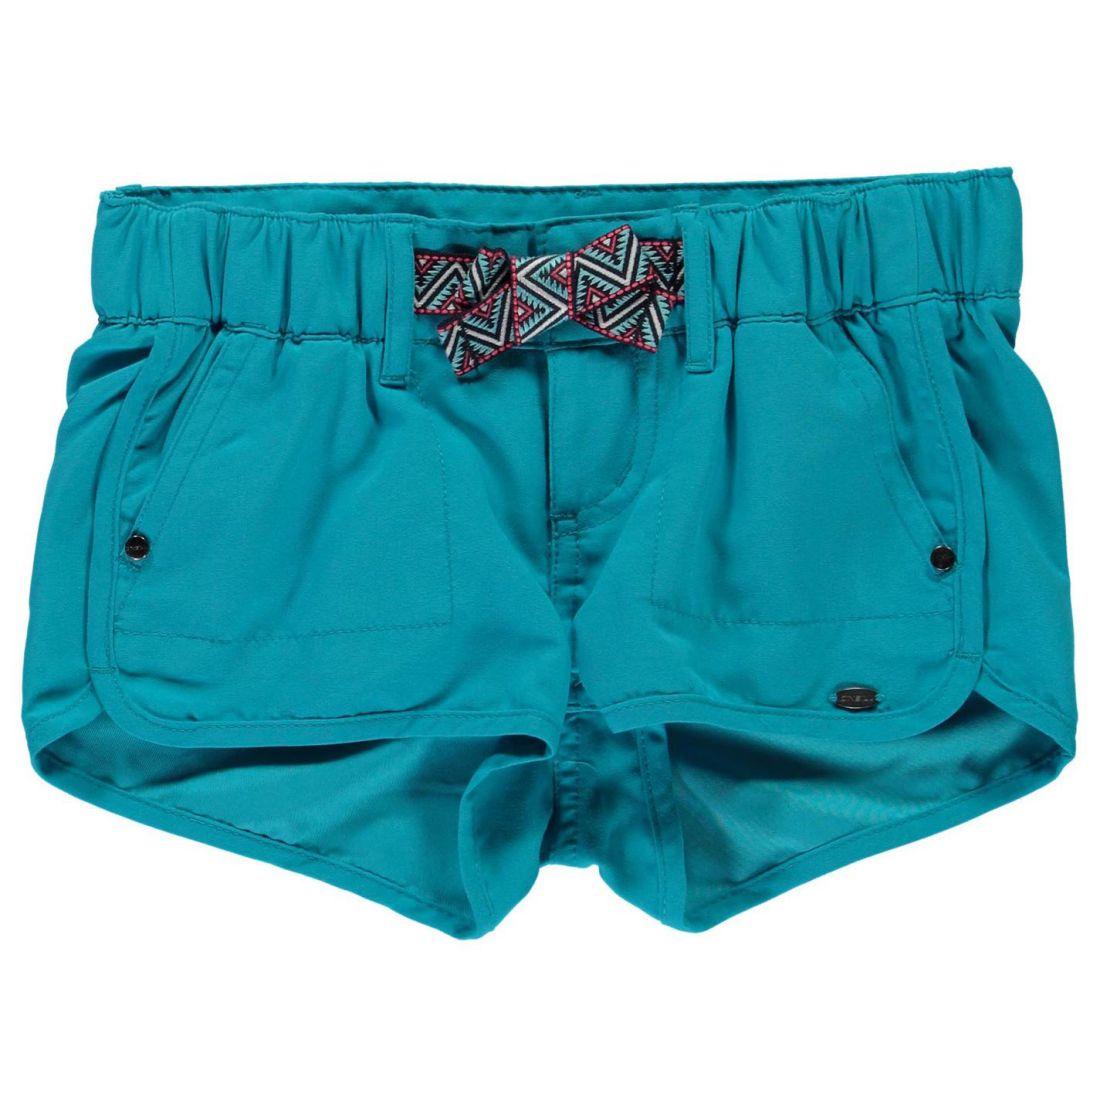 ONeill Kids Girls Chic Shorts Junior Board Pants Trousers Bottoms Lightweight